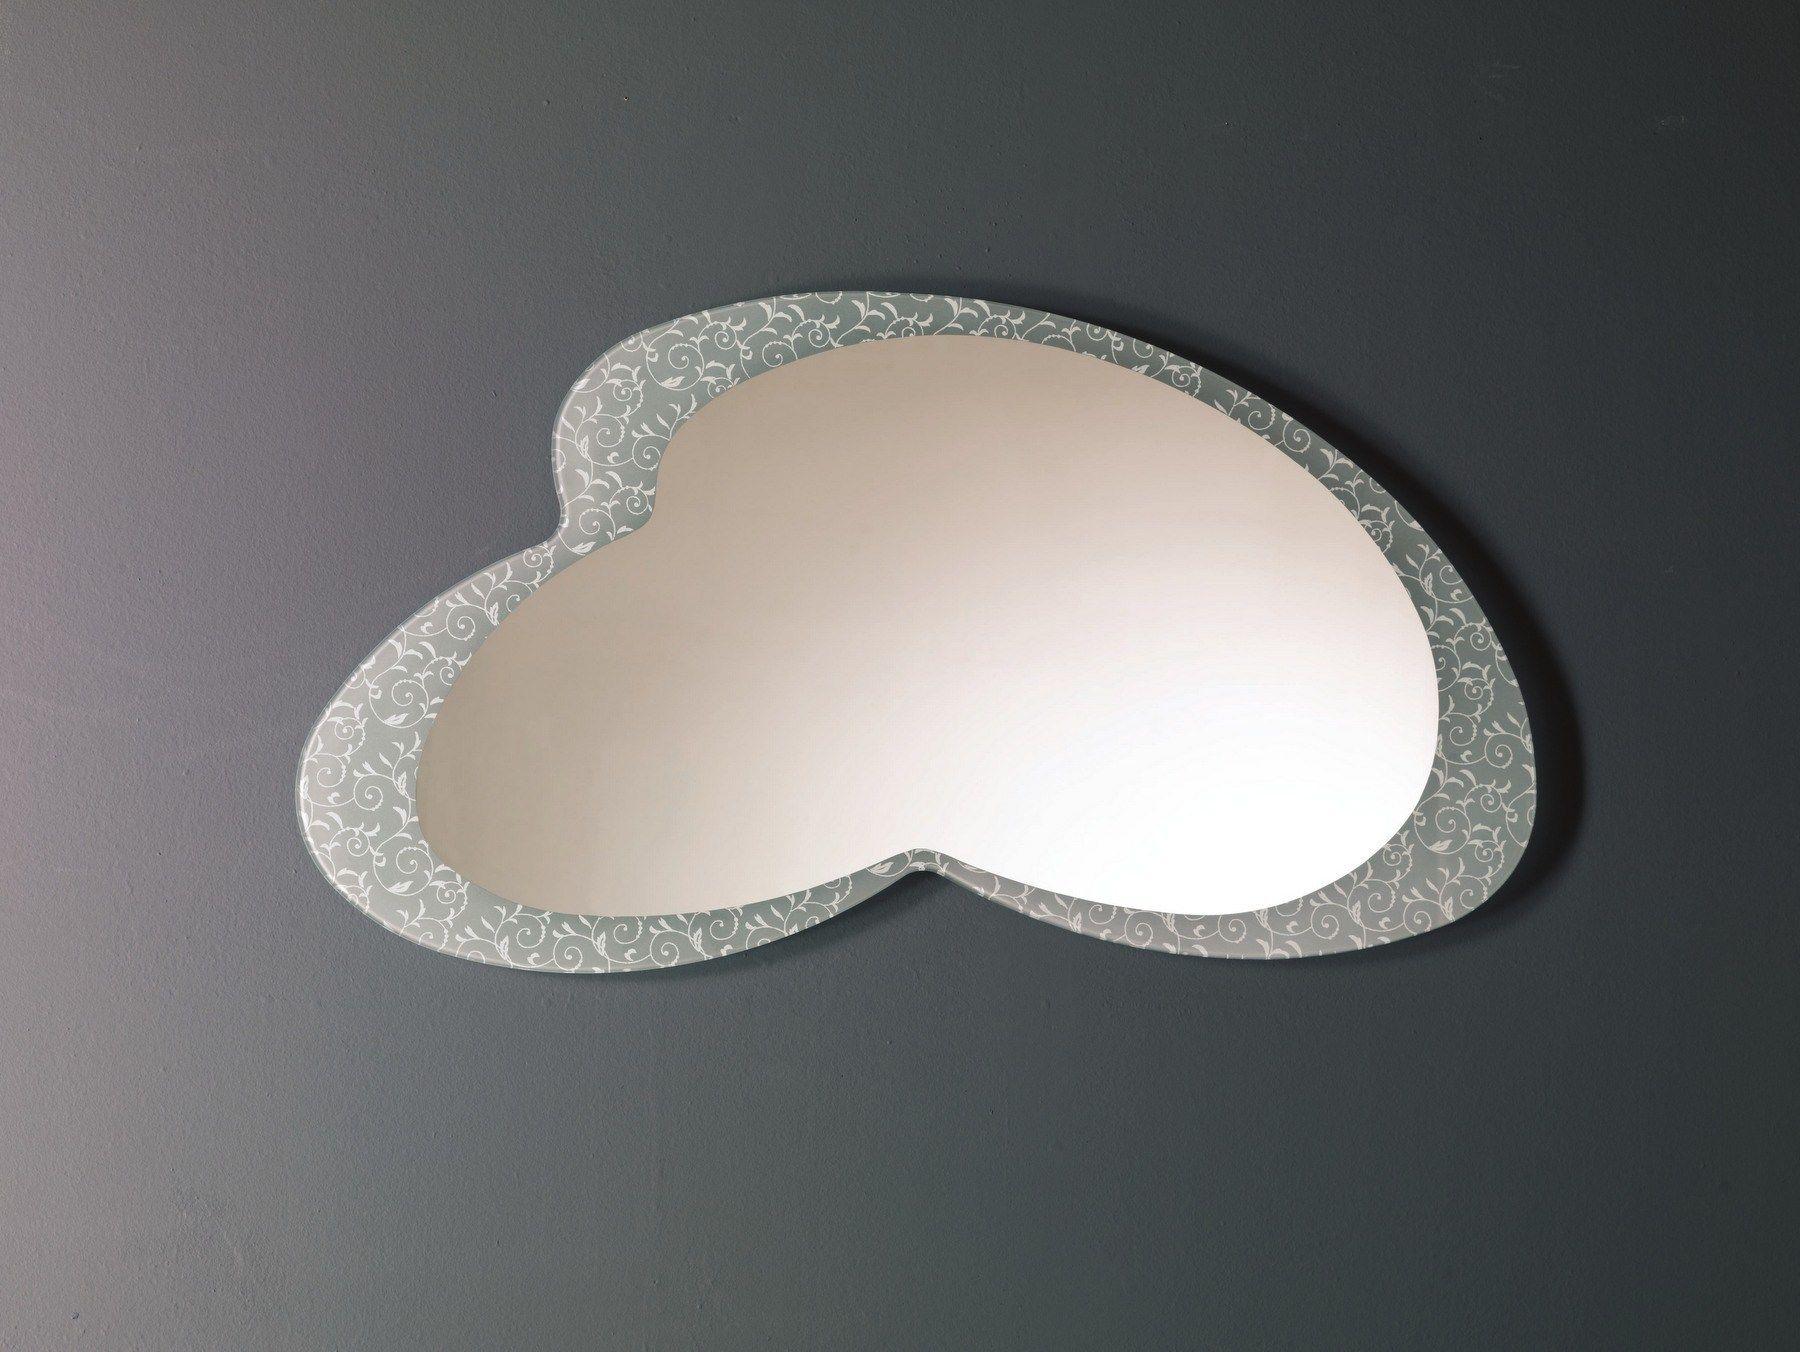 Specchio in stile moderno a parete caio by bontempi casa design giorgio manzali - Specchi in stile ...